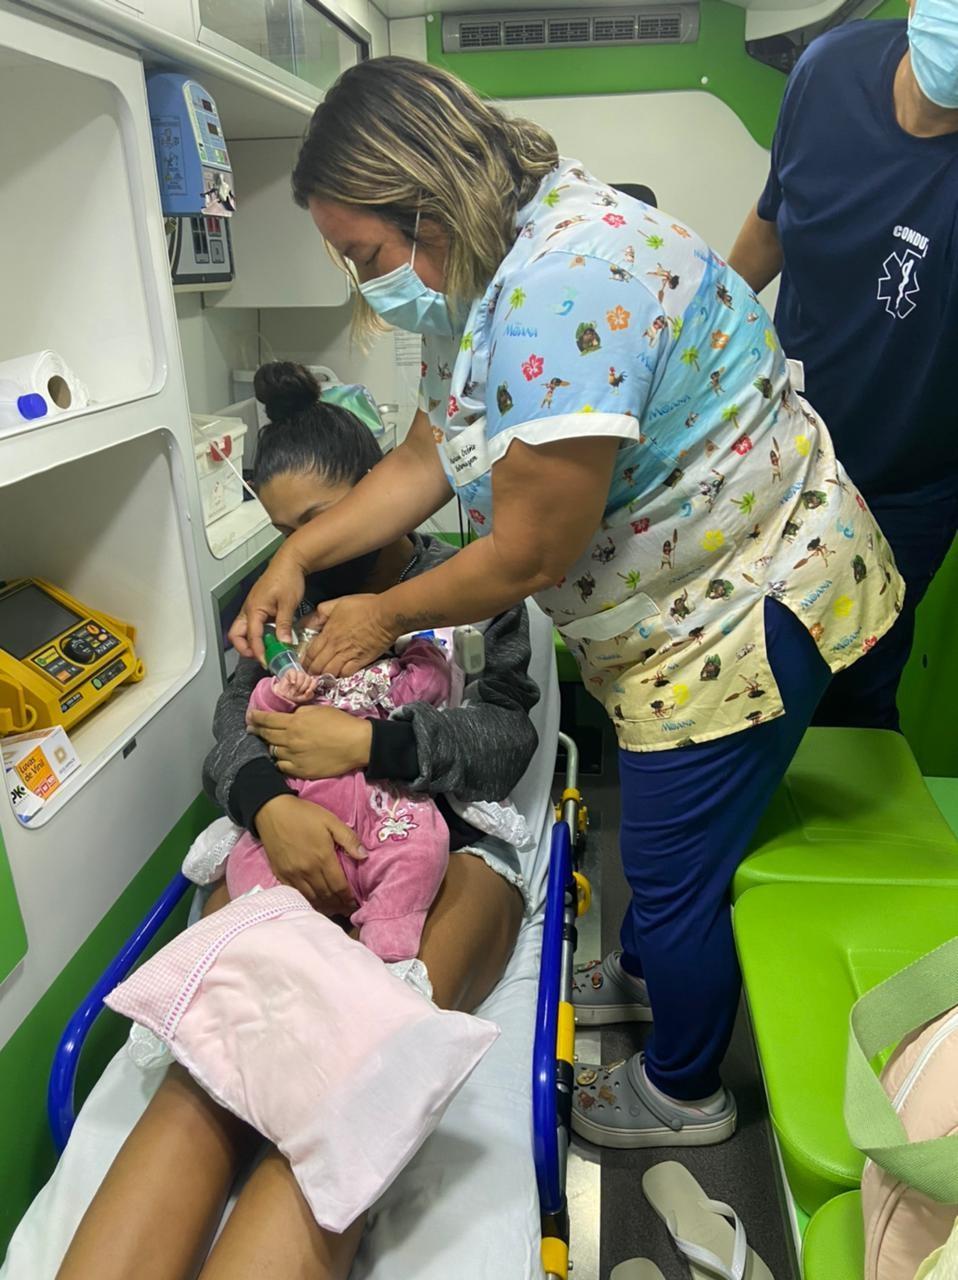 Recém-nascida internada na UPA de Araruama é transferida para hospital no Rio de Janeiro